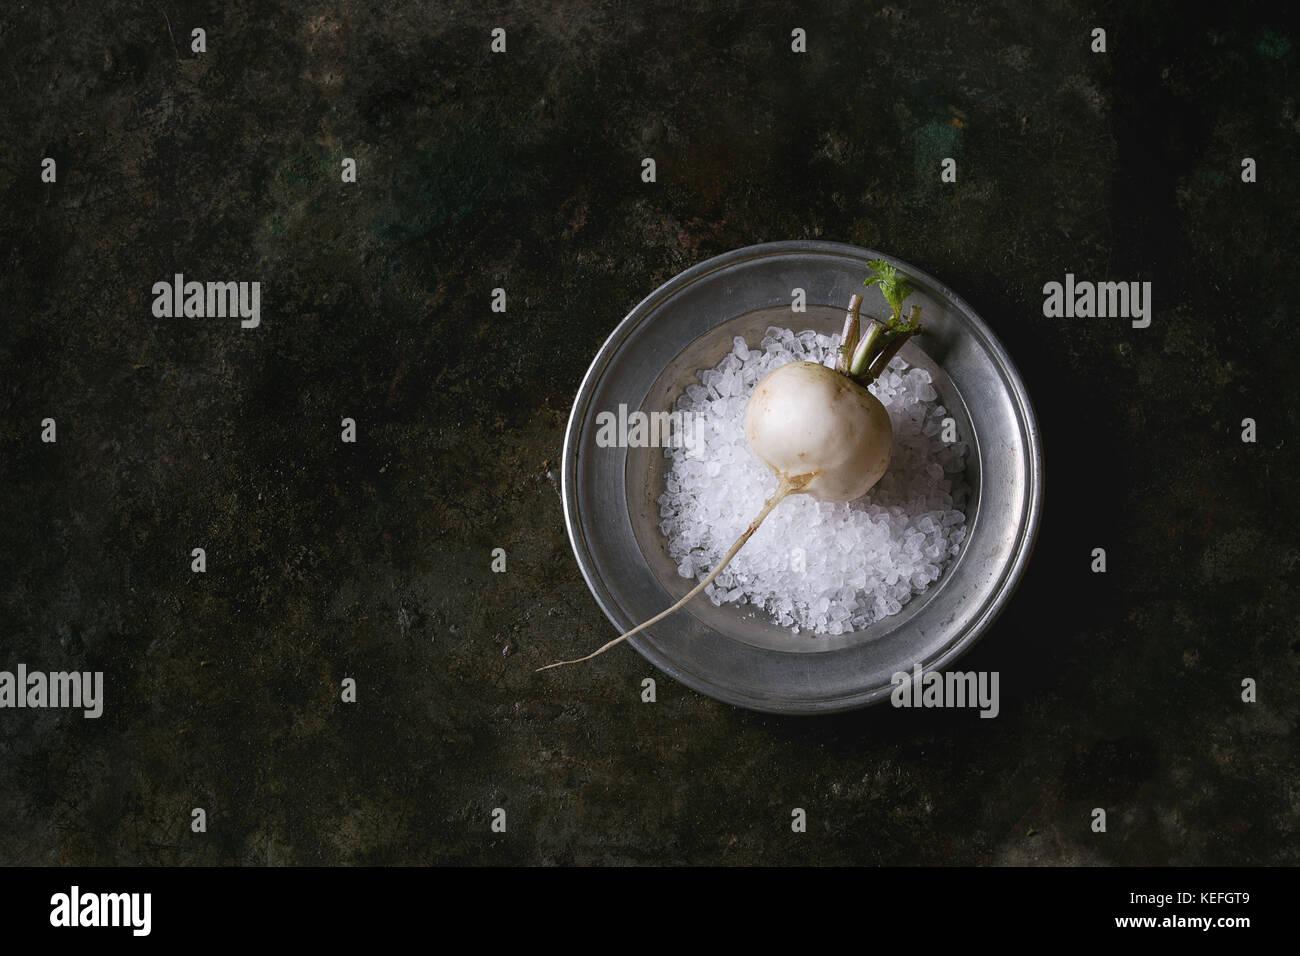 Le radis blanc avec du sel Photo Stock